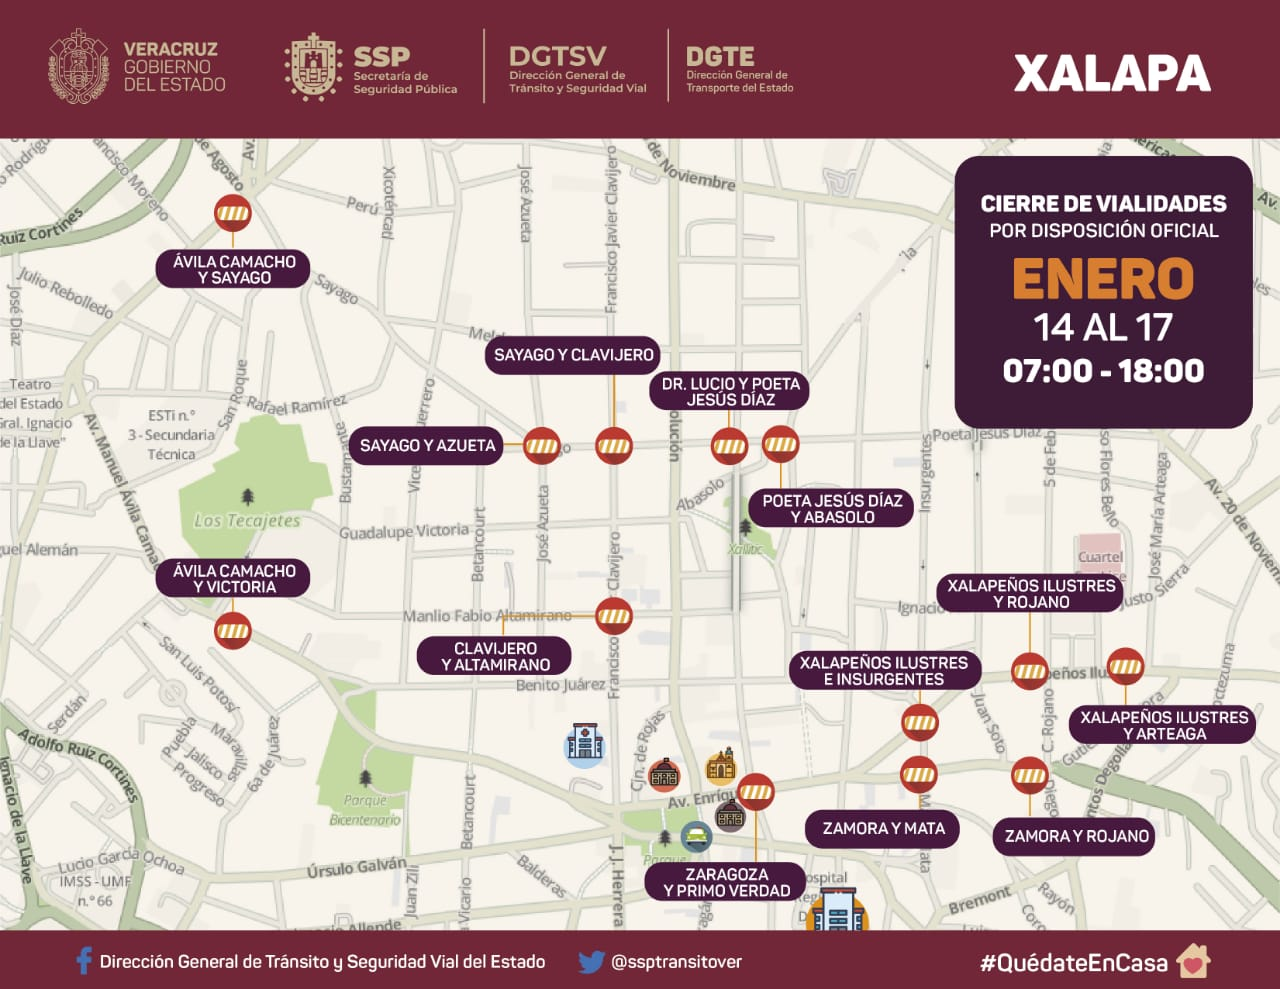 Anunciaron las vialidades de Xalapa que estarán cerradas durante el fin de semana